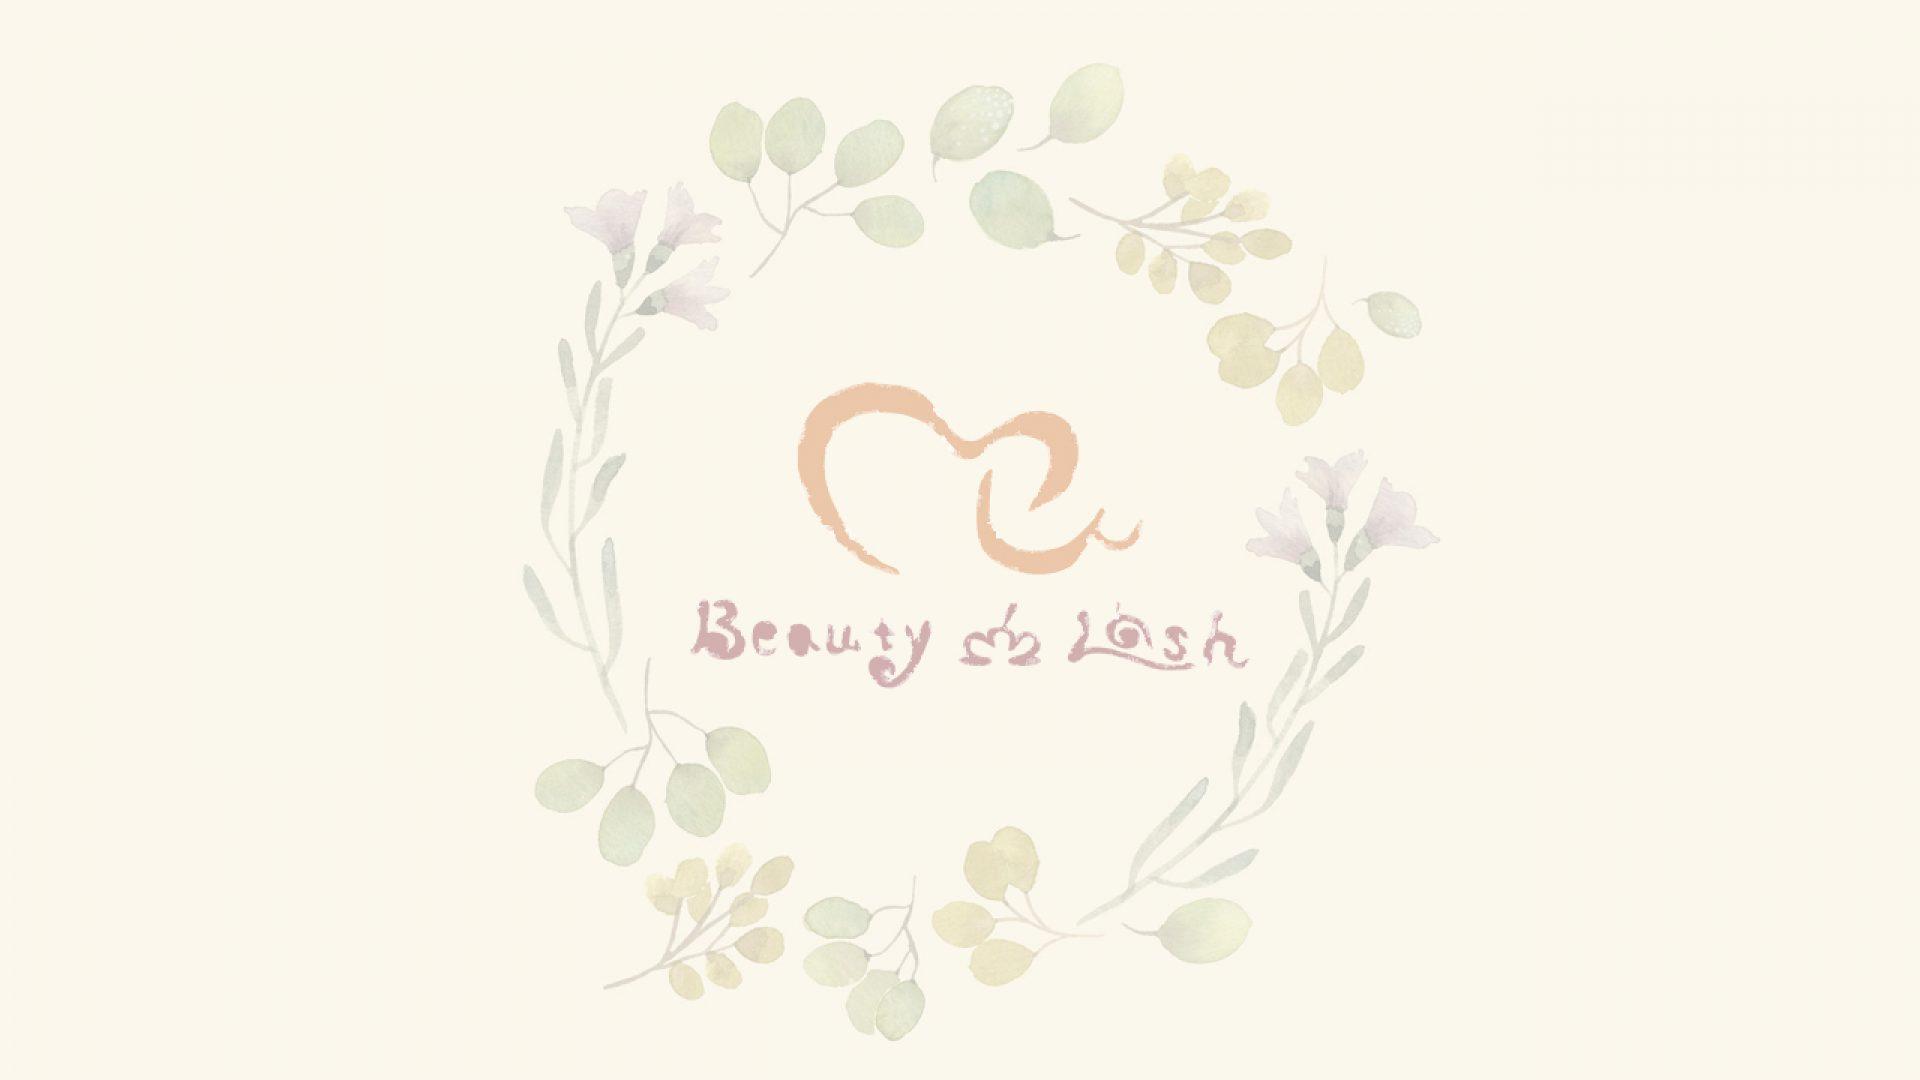 beautylash-mu-image10